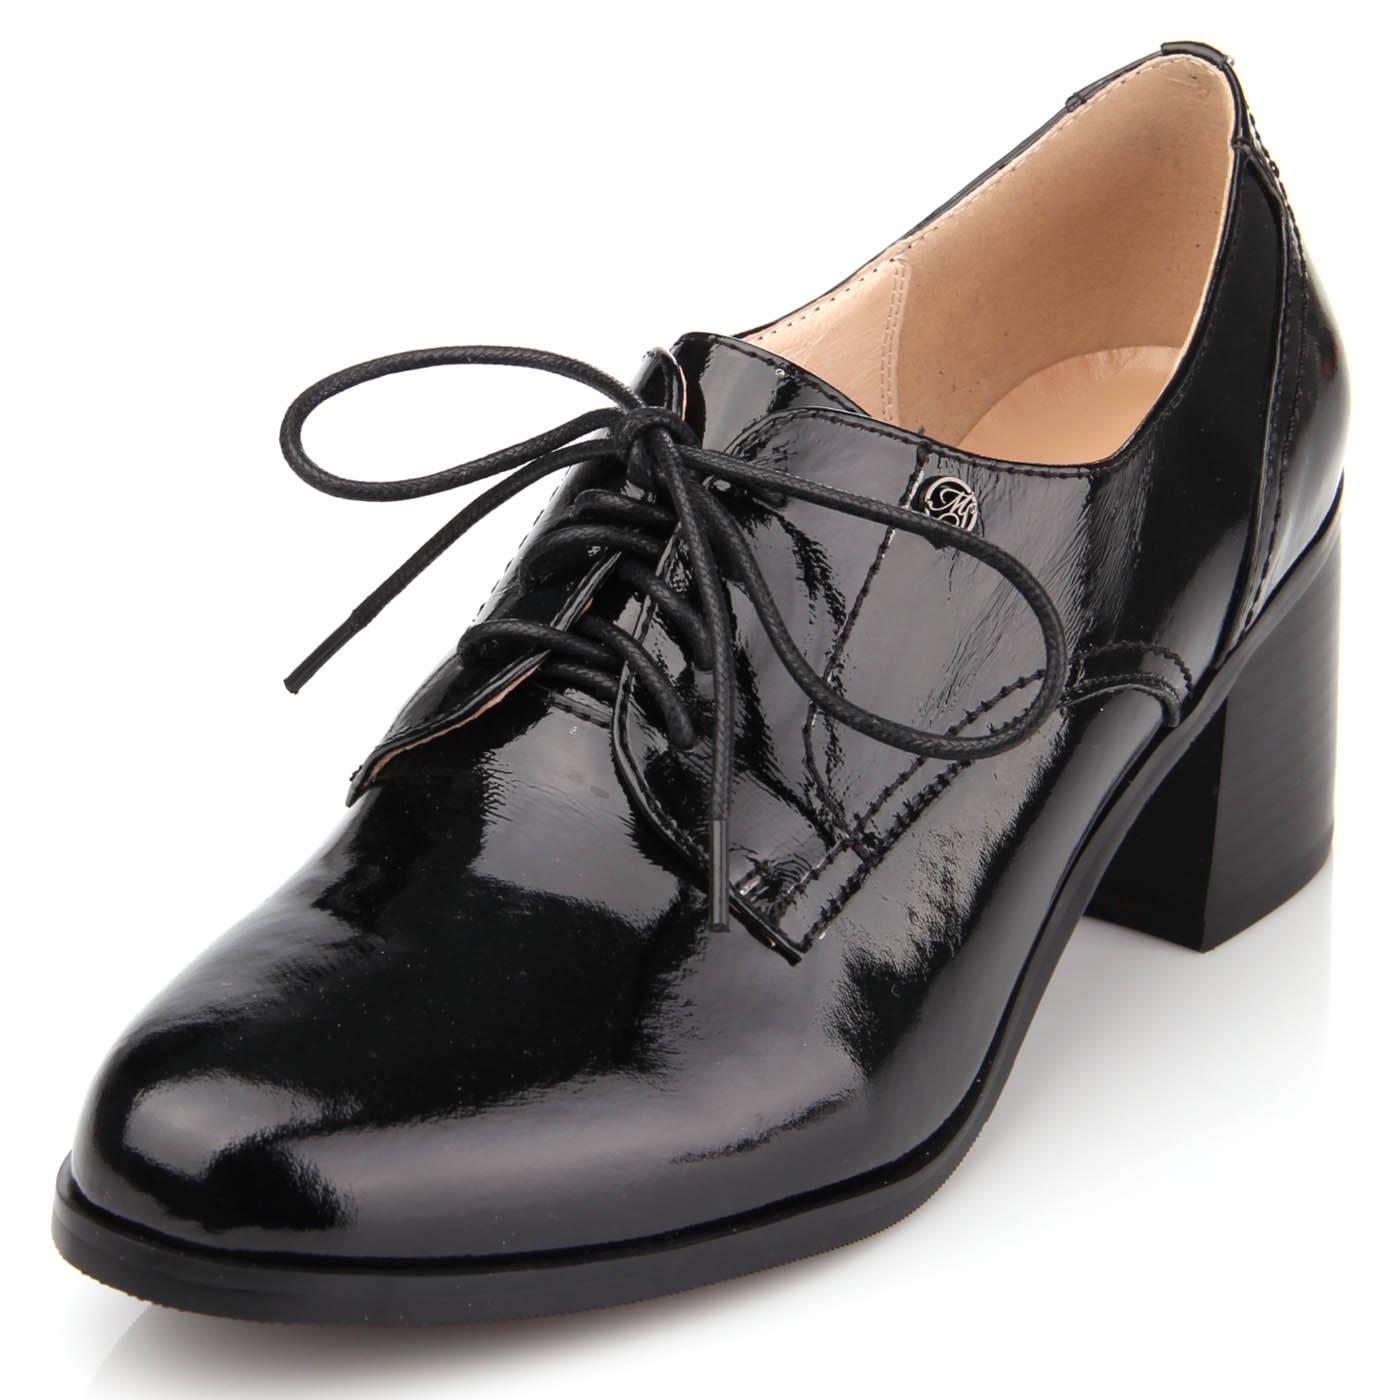 Туфлі жіночі ditto 5846 Чорний купить по выгодной цене в интернет ... af503c80e8f70